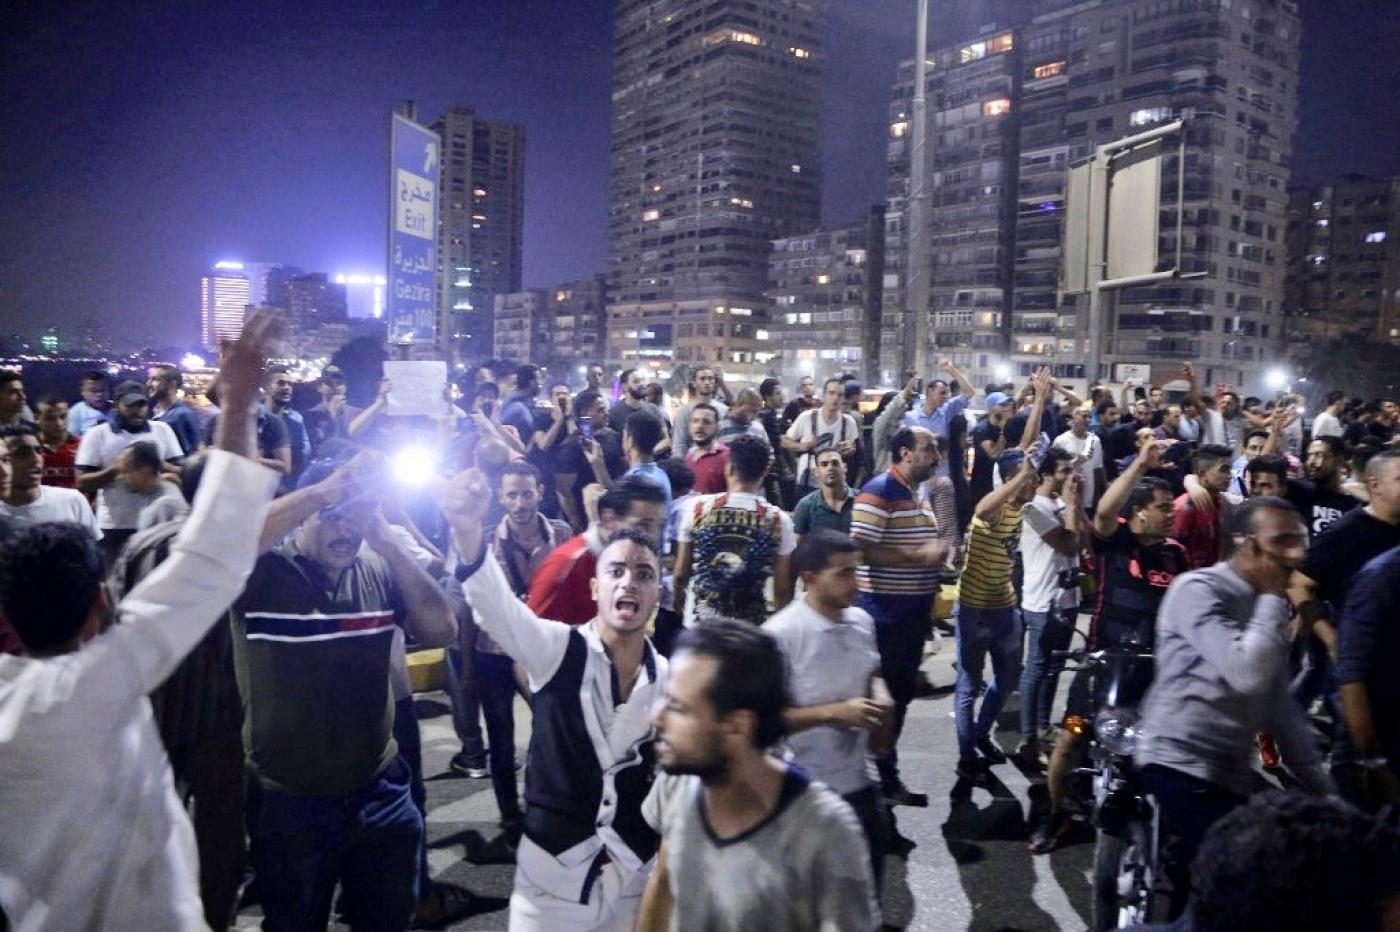 تظاهرات لليوم الثاني في السويس